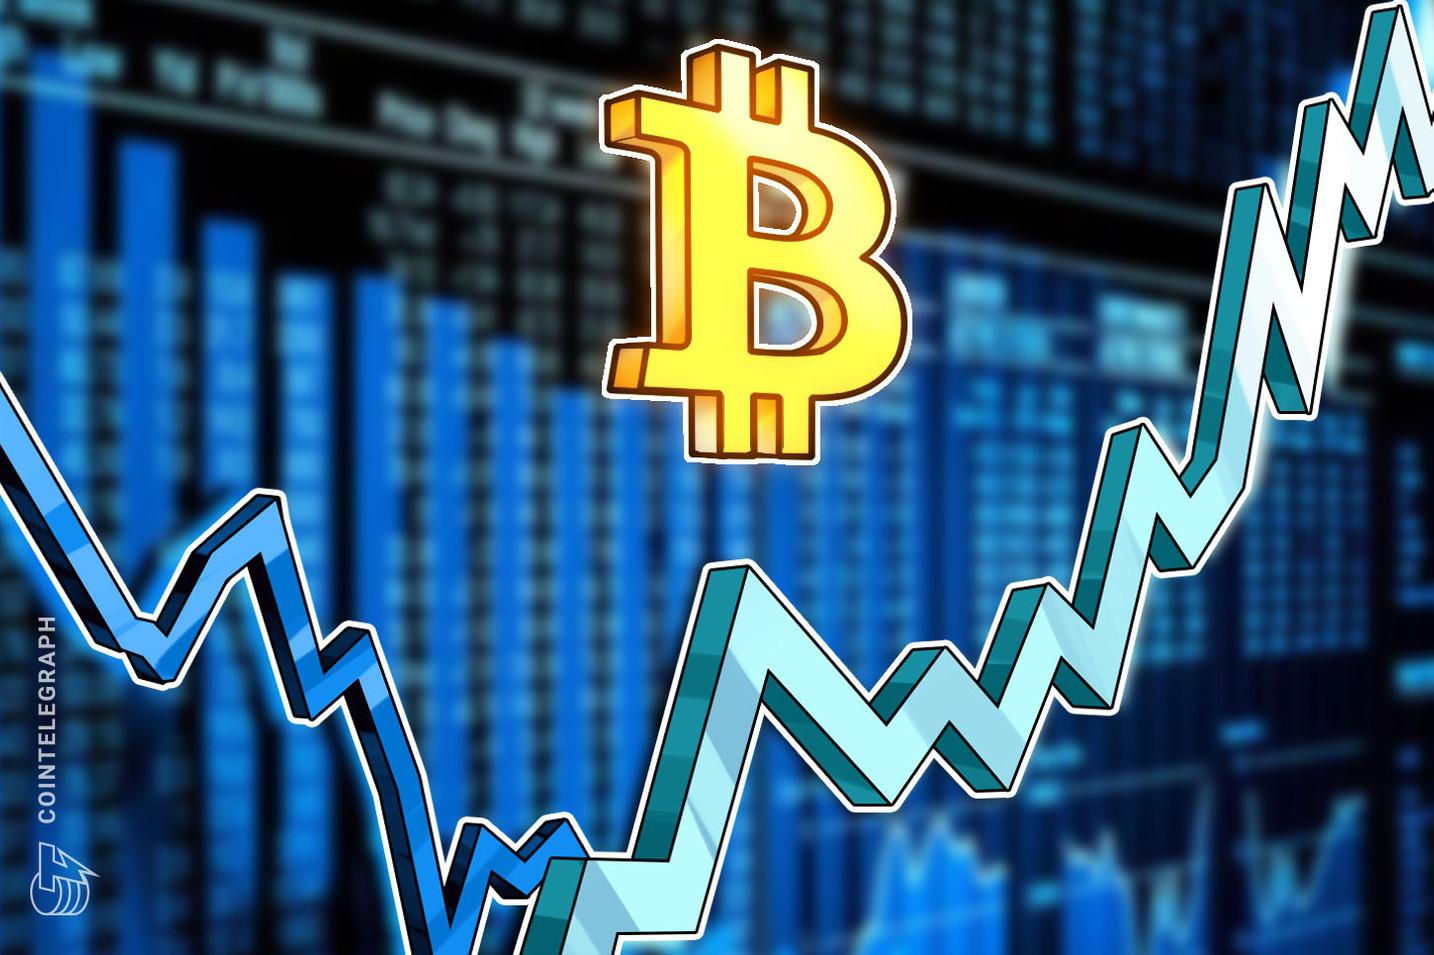 Bitcoin 30 bin doların altına düştü, ancak zincirdeki veriler birikimin biraya başladığını gösteriyor